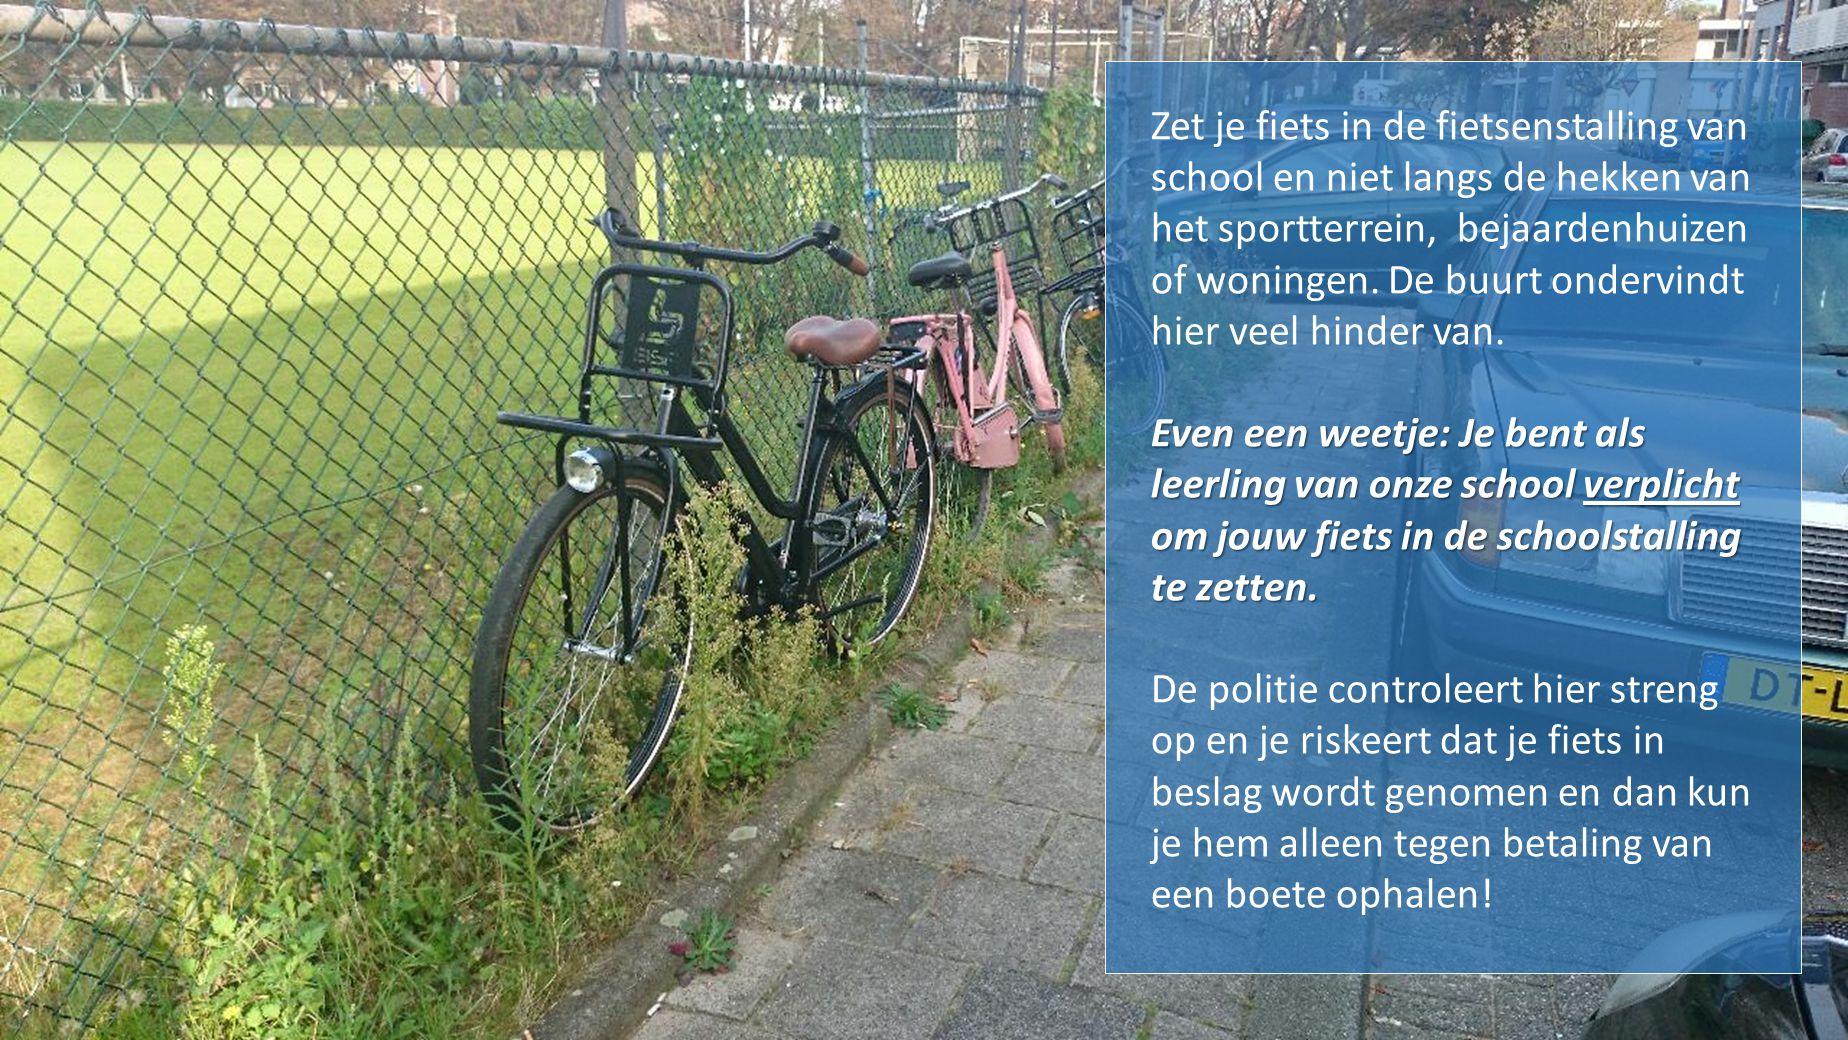 Even een weetje: Je bent als leerling van onze school verplicht om jouw fiets in de schoolstalling te zetten. Zet je fiets in de fietsenstalling van s